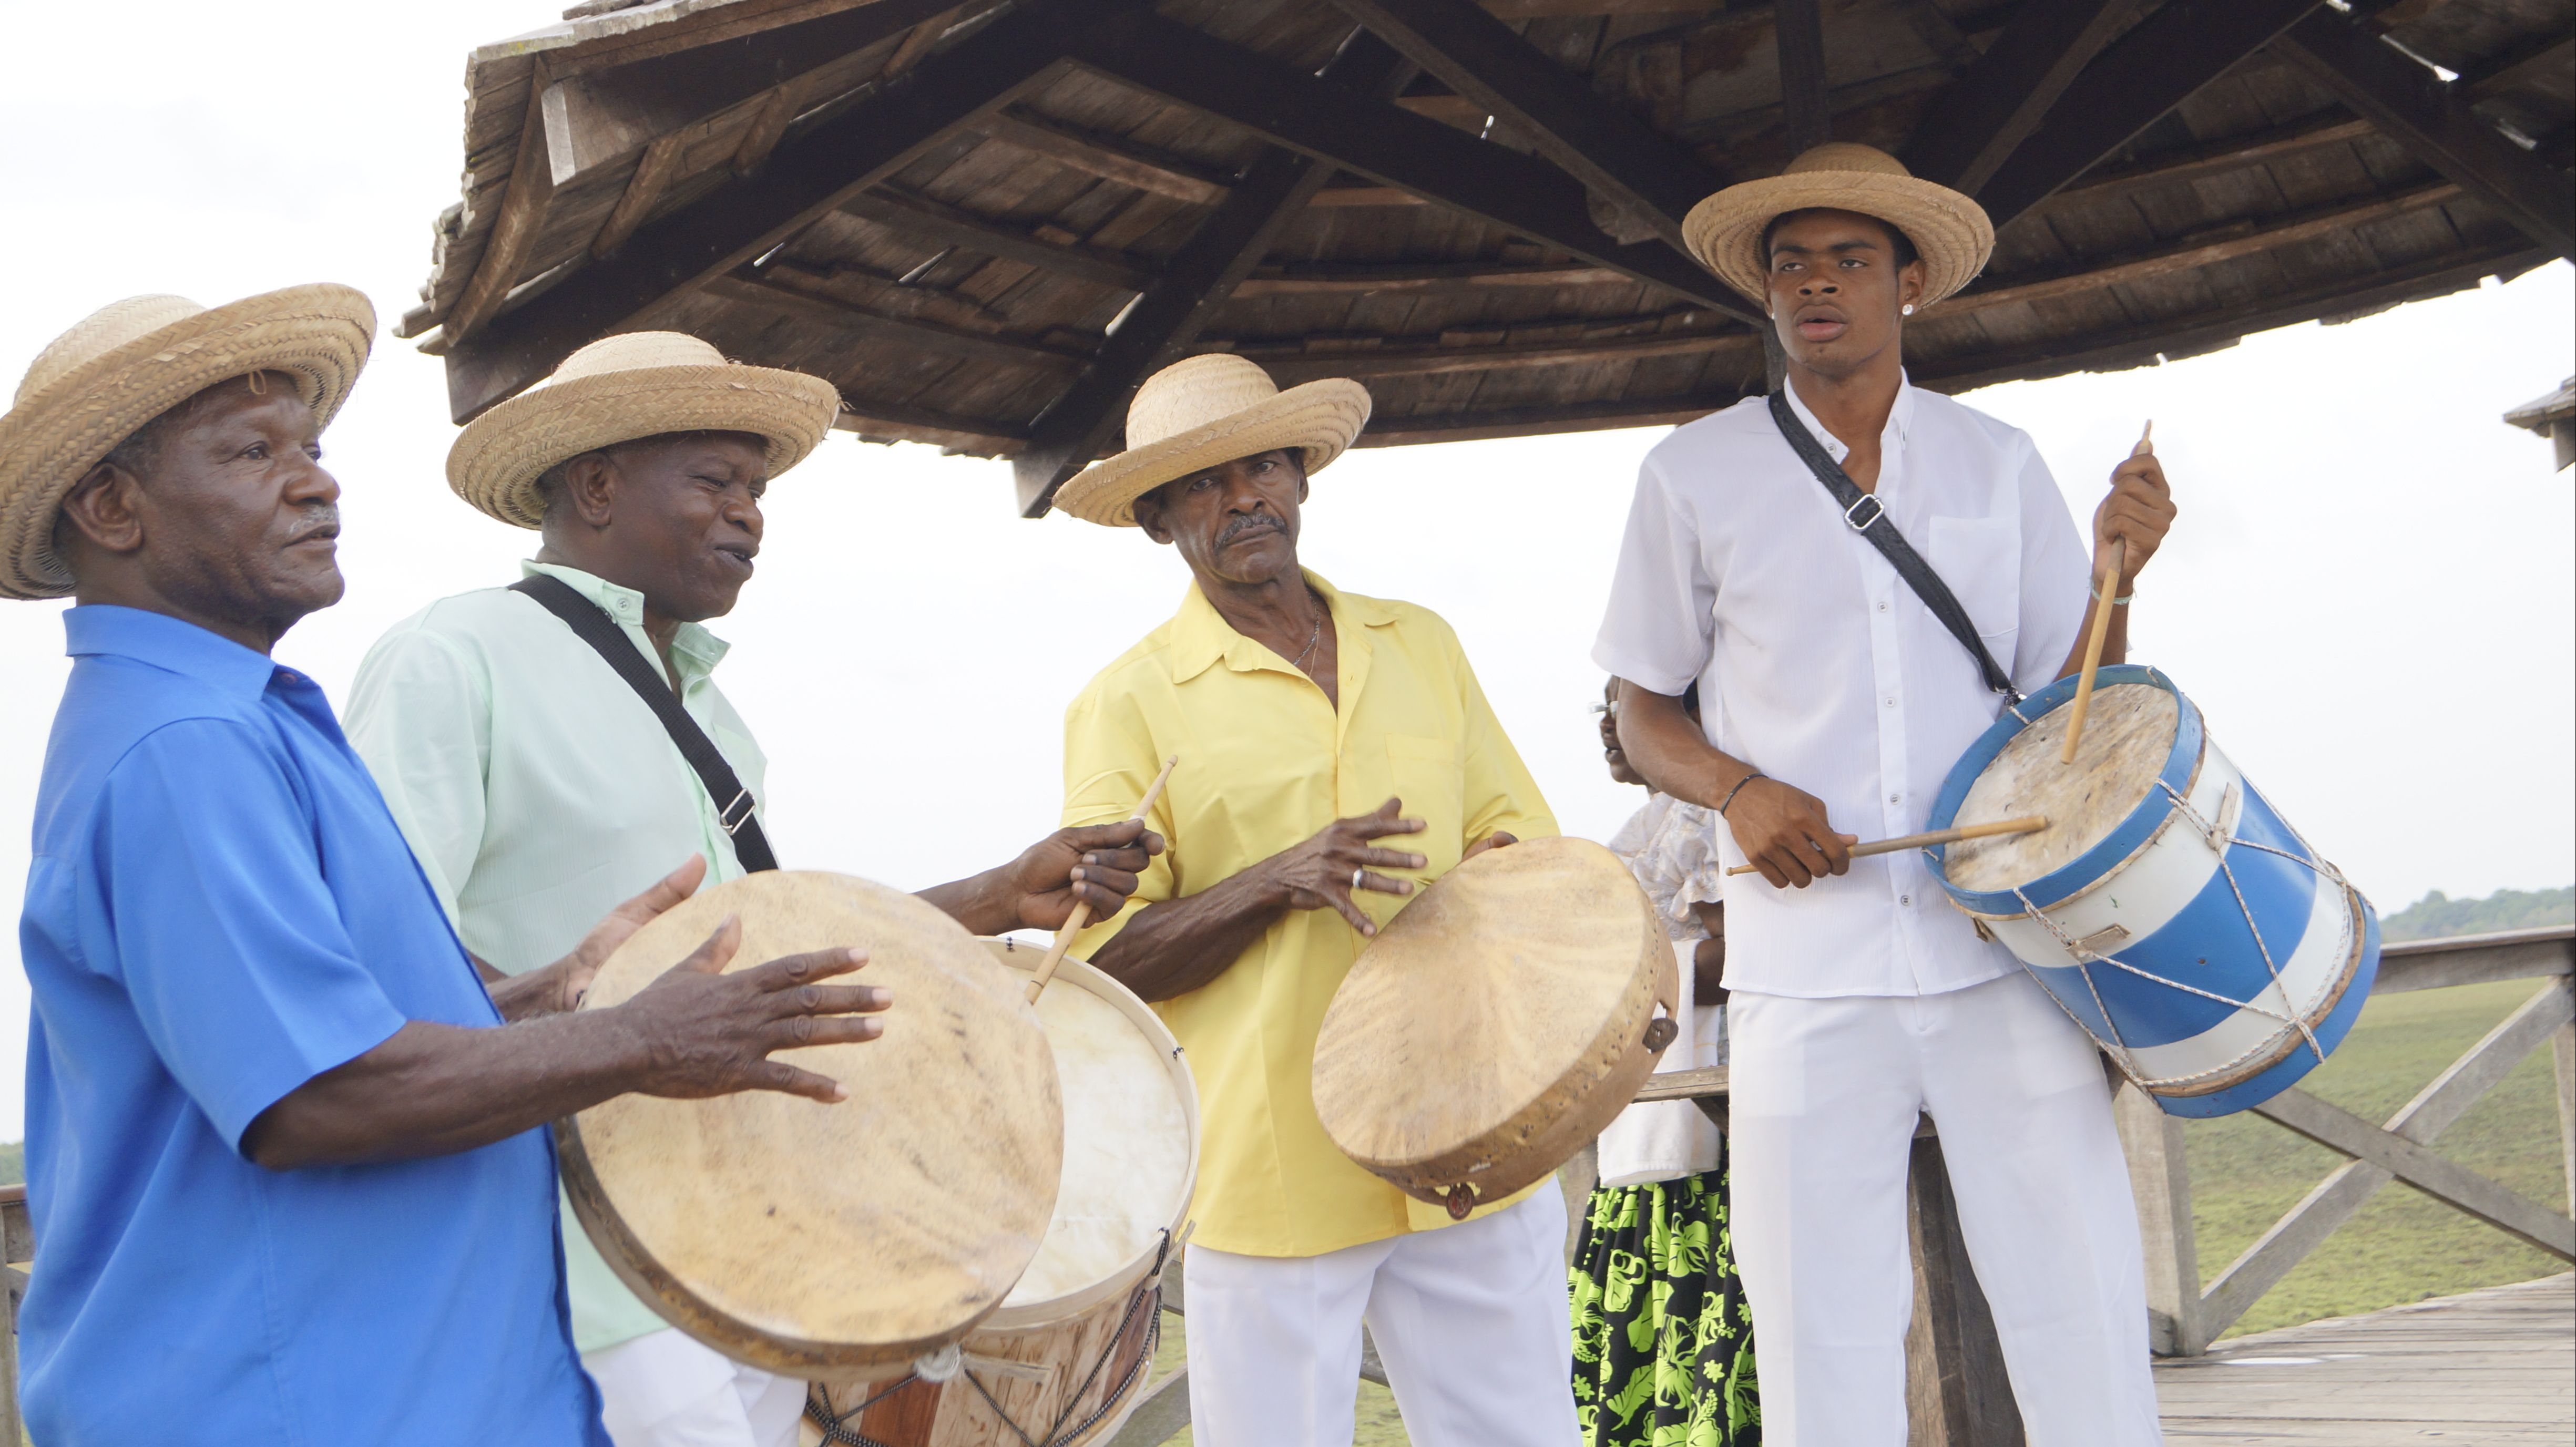 Raízes do Bolão dá voz à cultura afrodescendente do Amapá, ao som de tambores e pandeirões